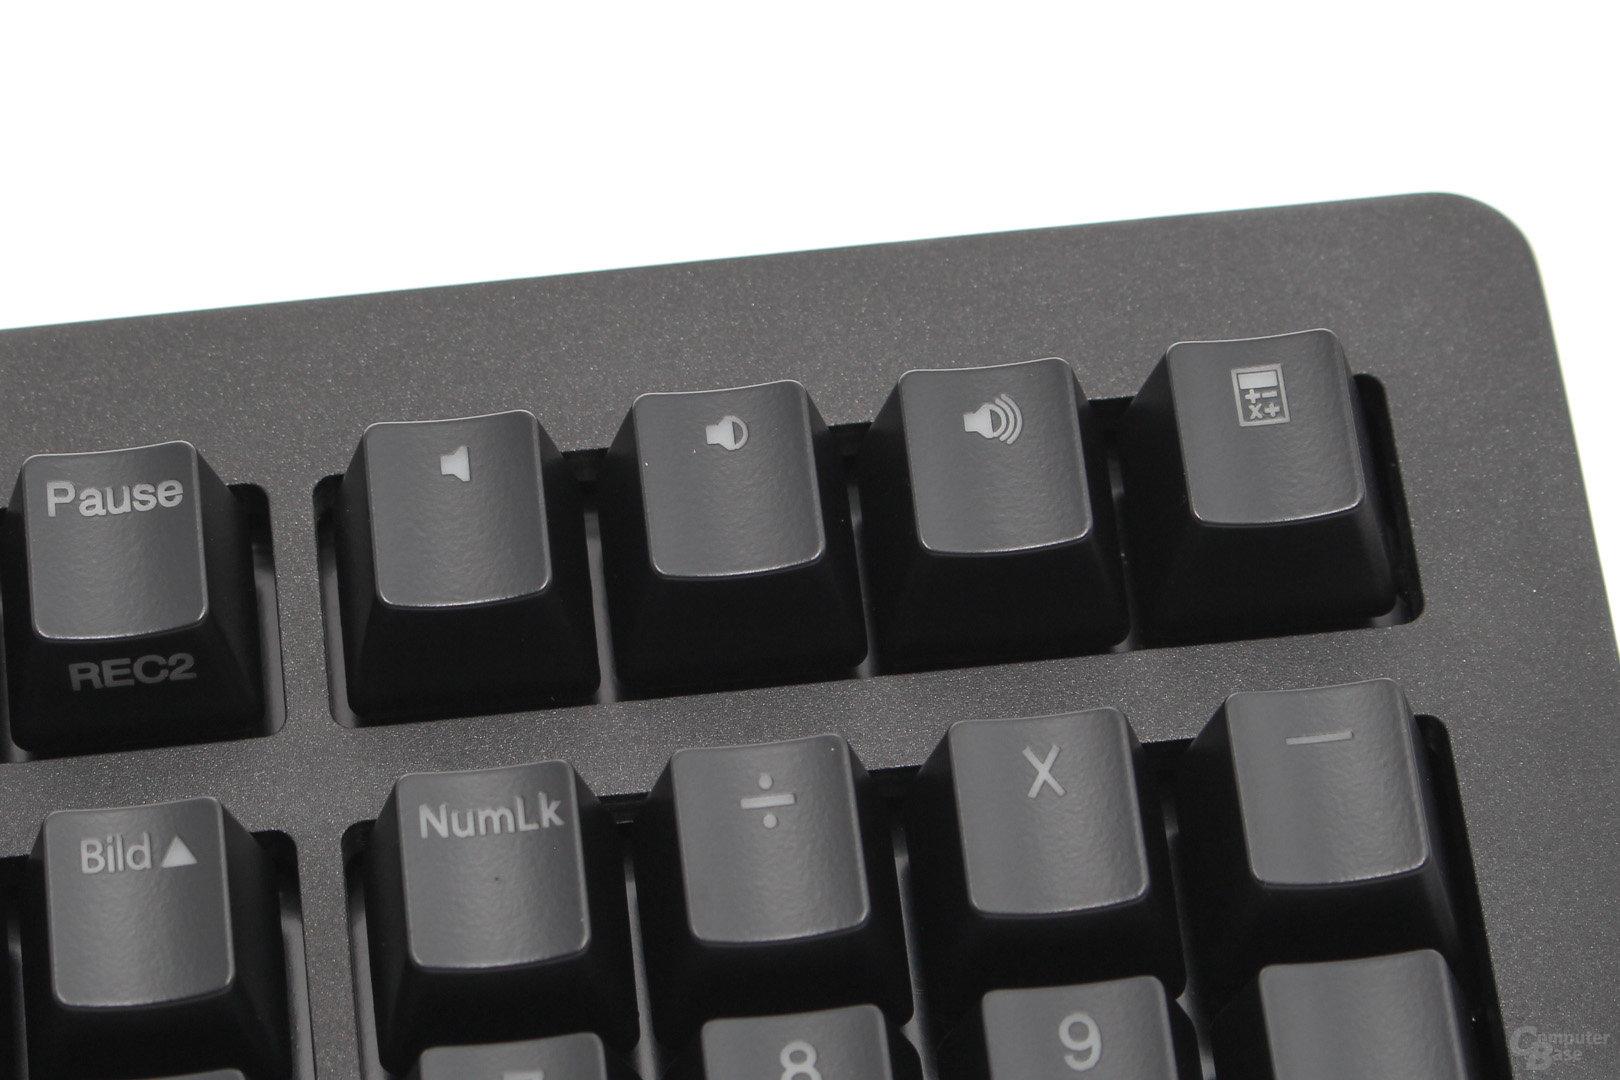 Vier Zusatztasten mit Rechner- und Lautstärke-Shortcuts über dem Nummernblock